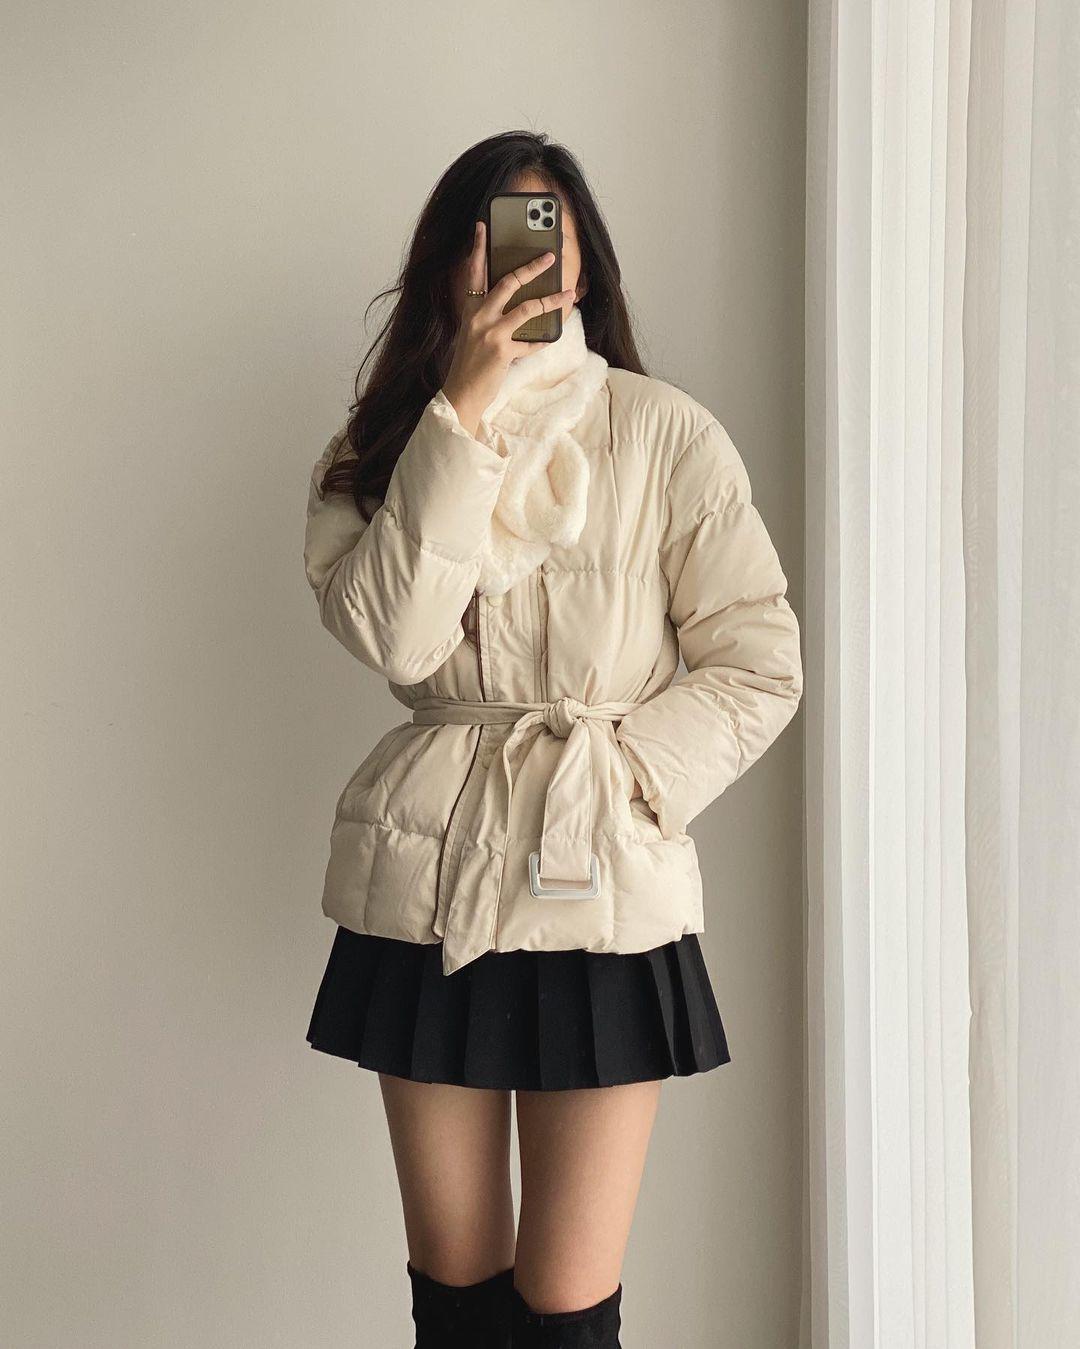 6 áo khoác xinh xẻo ít đụng hàng tại các shop hot, có cả set áo kèm túi xinh ngỡ ngàng - Ảnh 1.